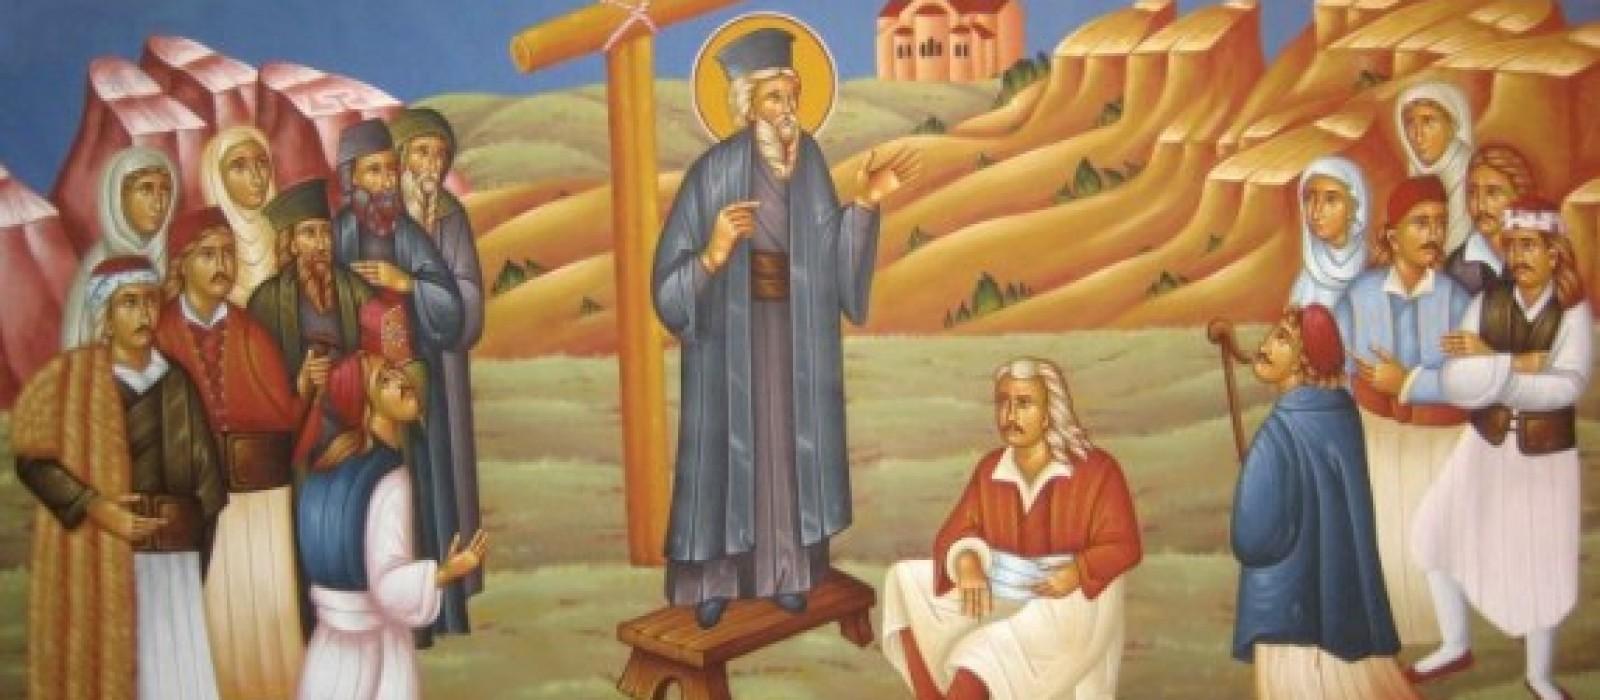 Αποτέλεσμα εικόνας για αγιος κοσμας αιτωλος